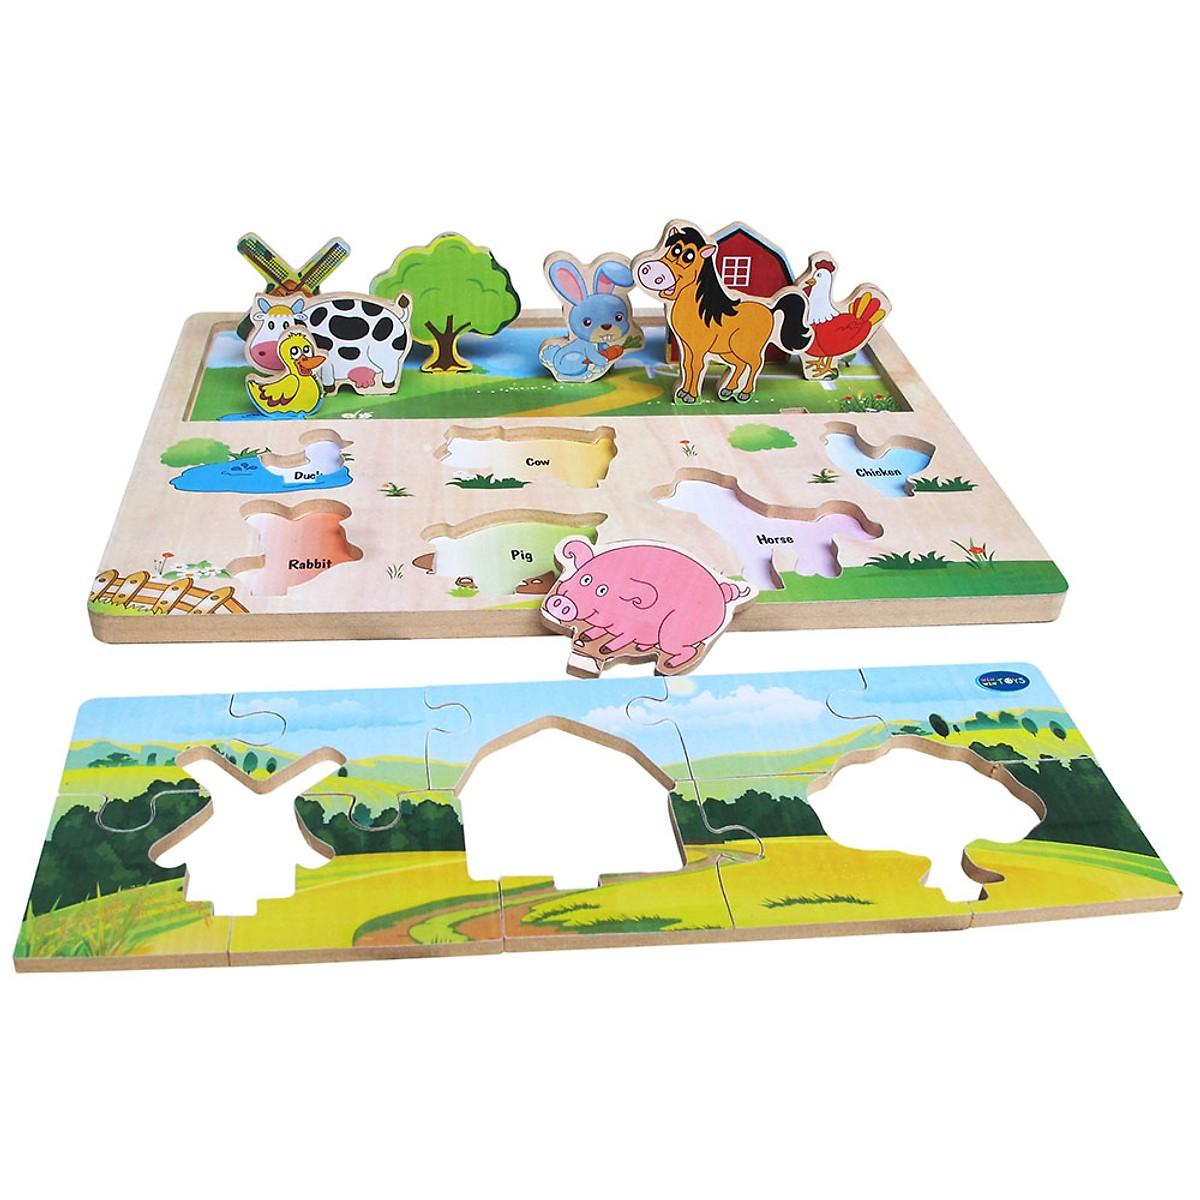 Xếp Hình Nông Trại   - Đồ chơi gỗ